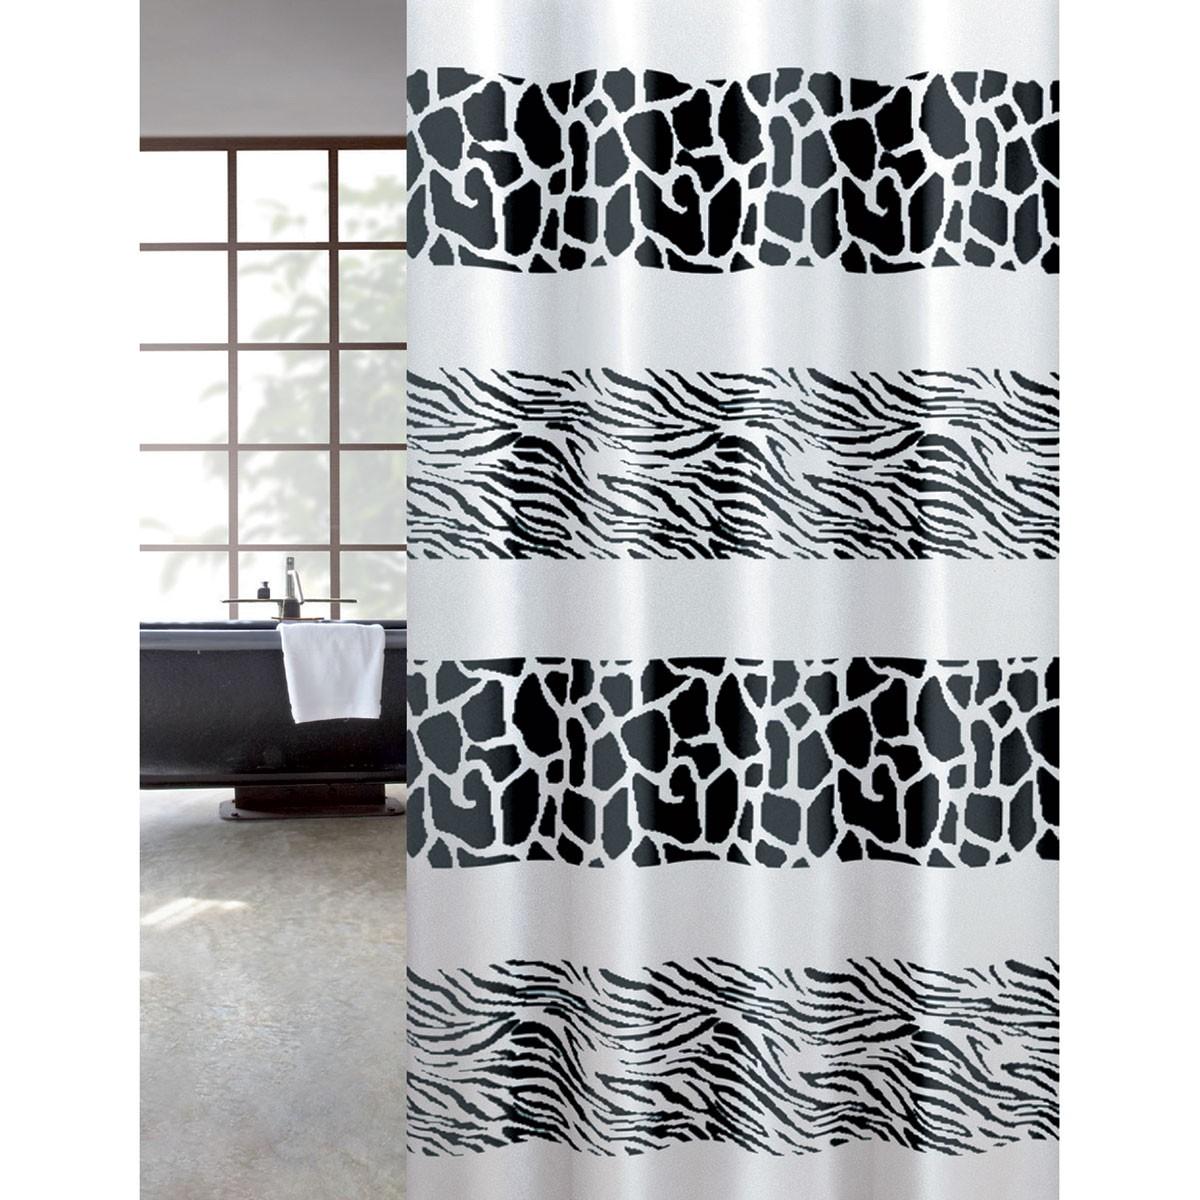 Κουρτίνα Μπάνιου Υφασμάτινη Zebra Joy Bath 180x200εκ. - Joy Bath Accessories - z μπανιο κουρτίνες μπάνιου